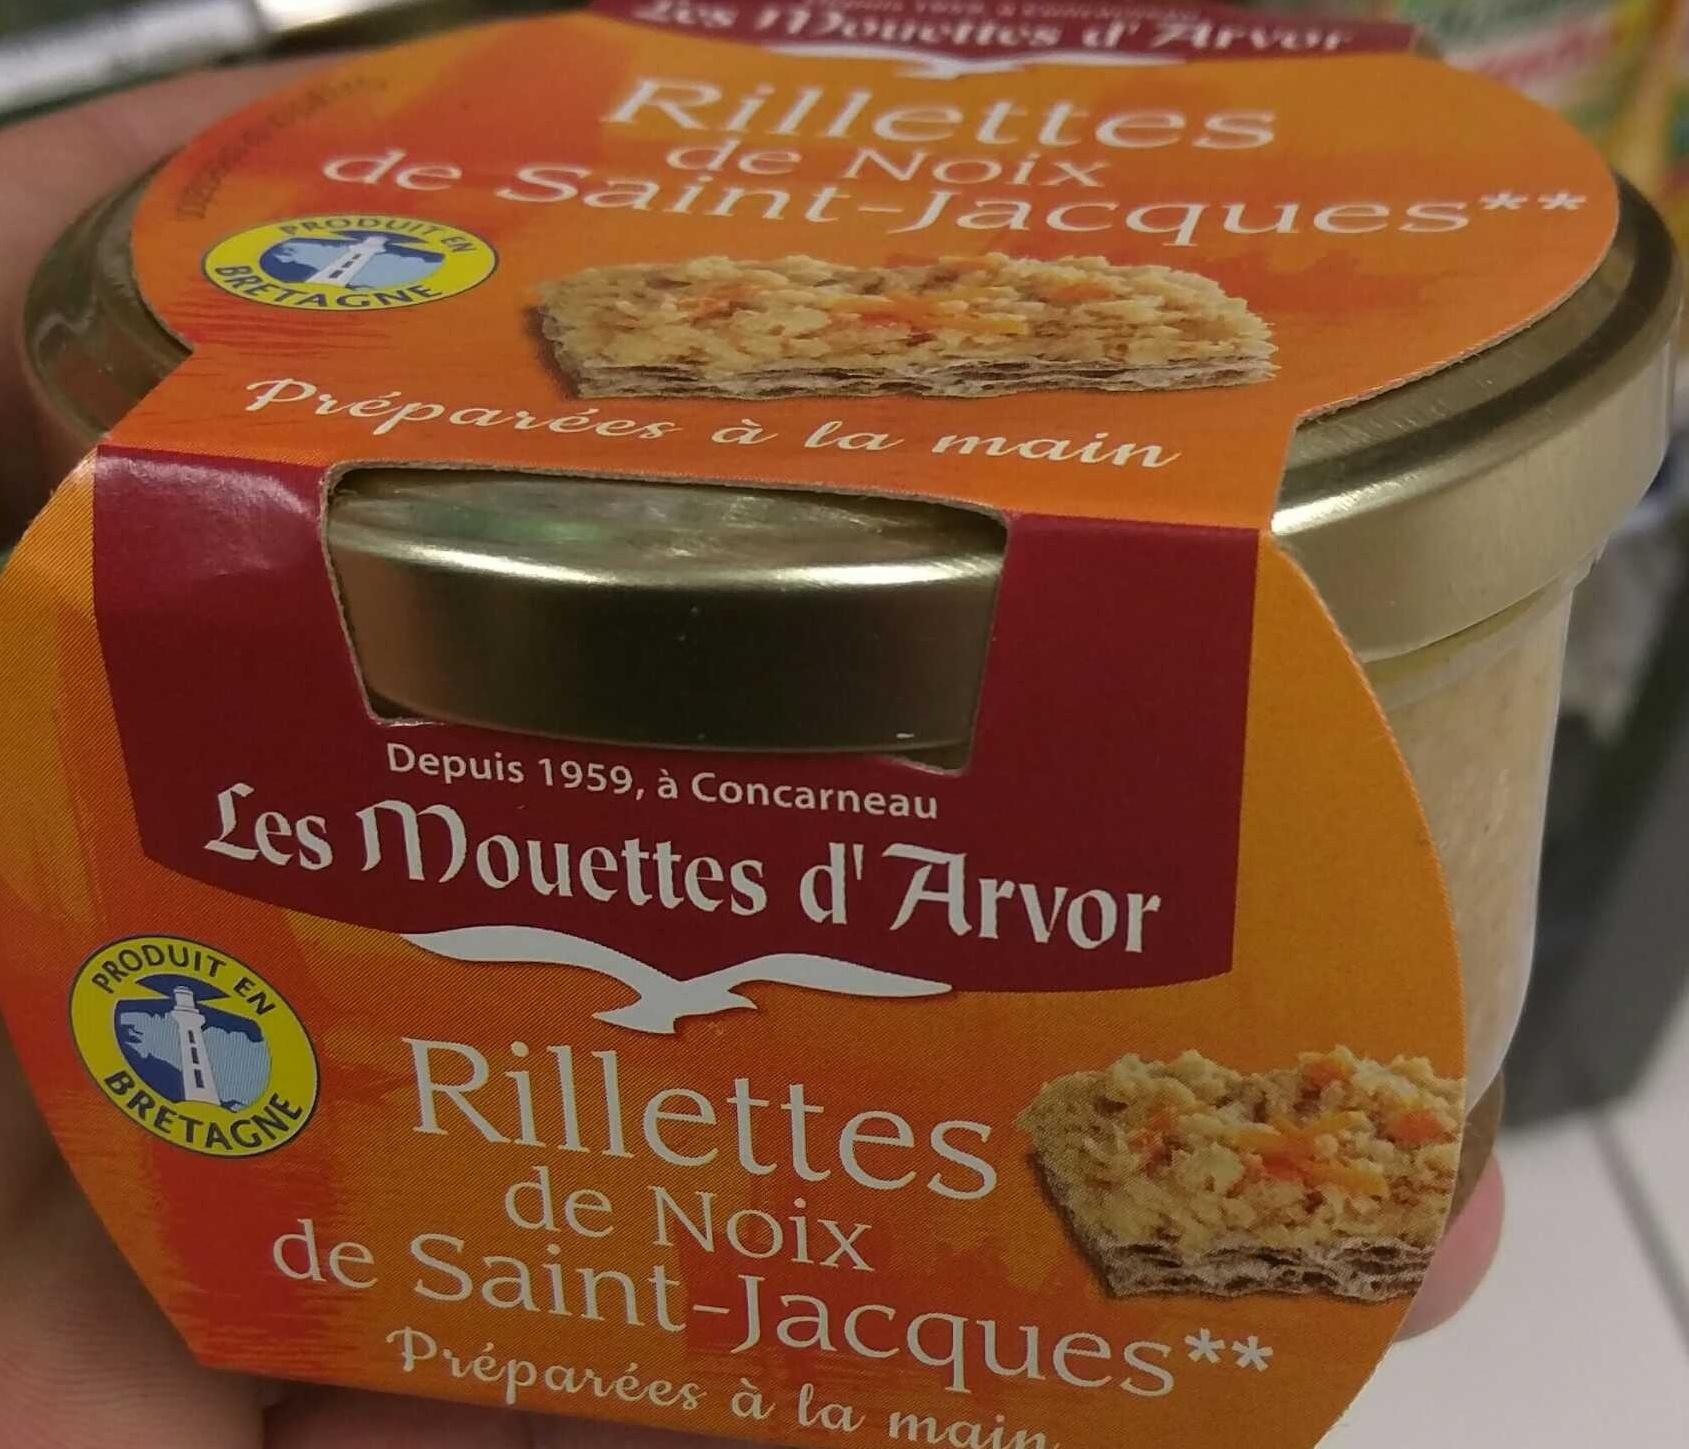 Rillettes de Noix de Saint-Jacques - Product